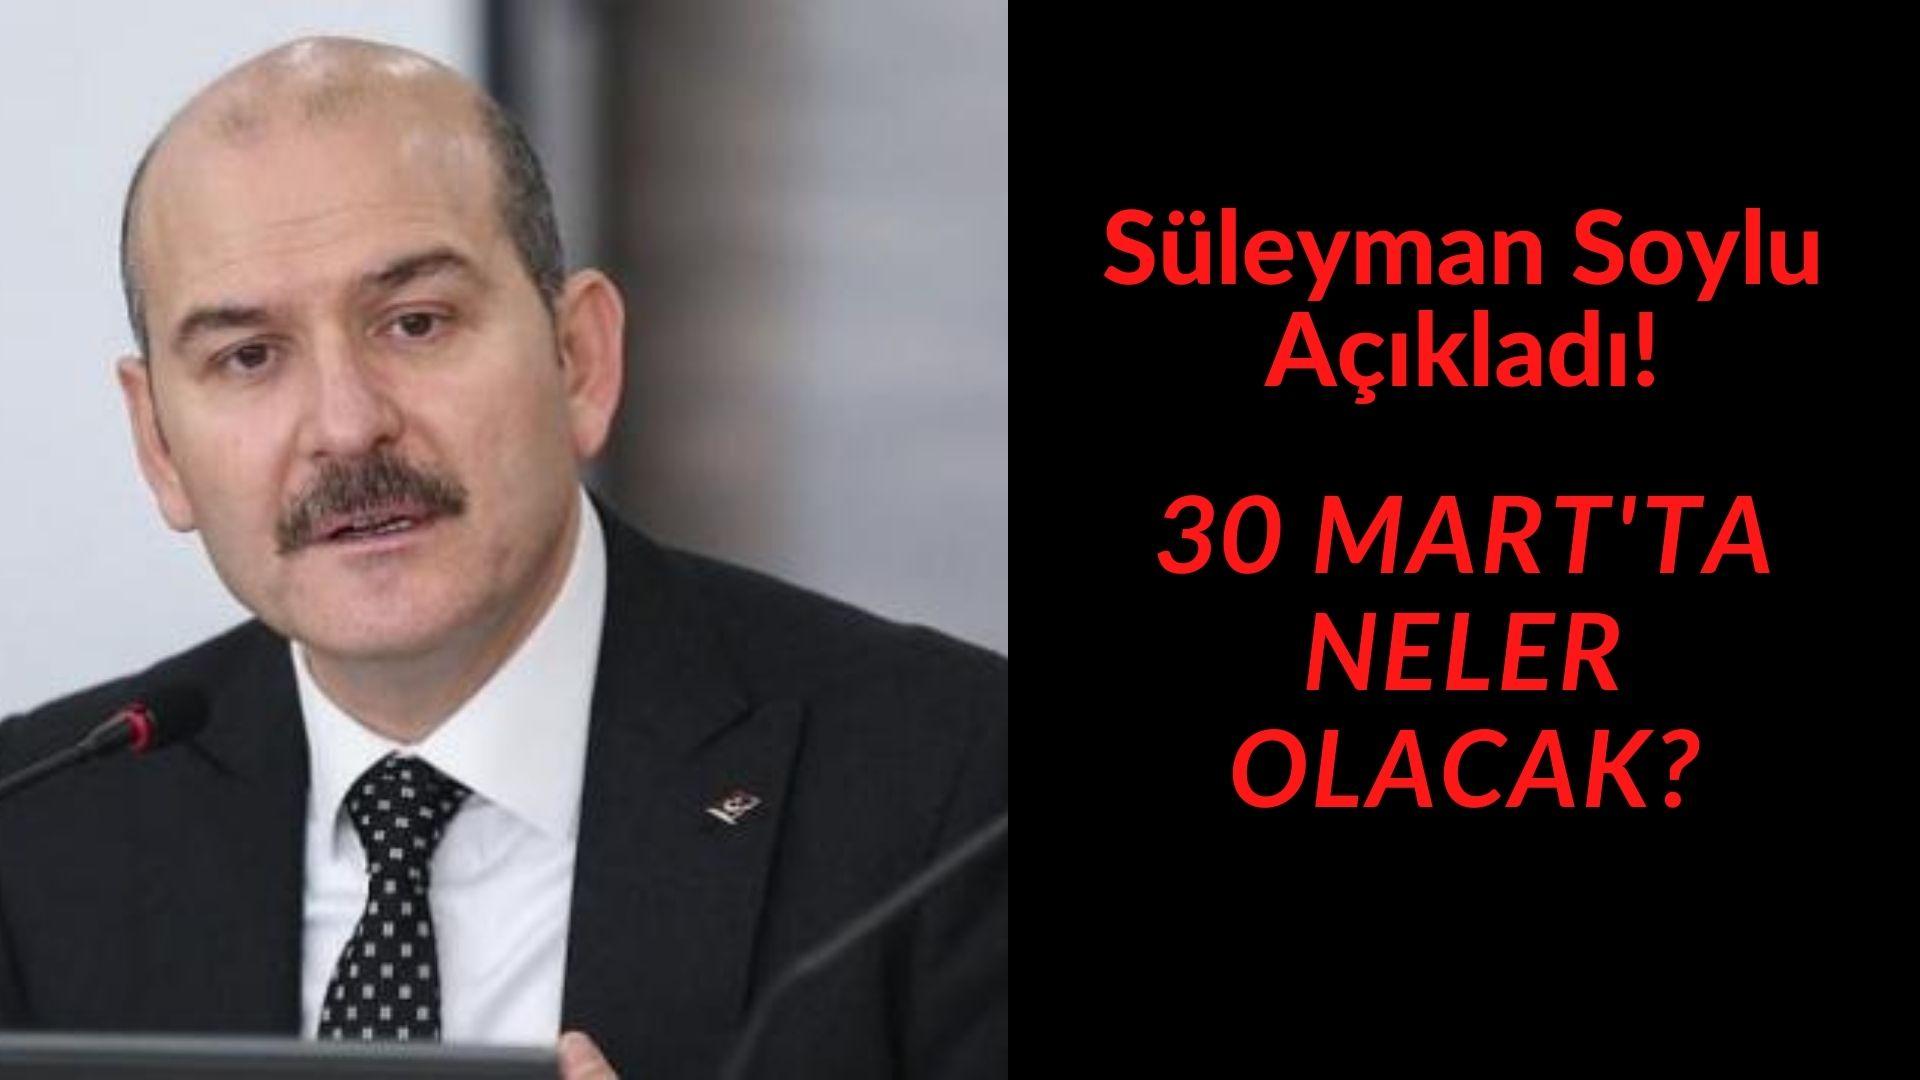 30 MART'TA BAŞLIYOR....